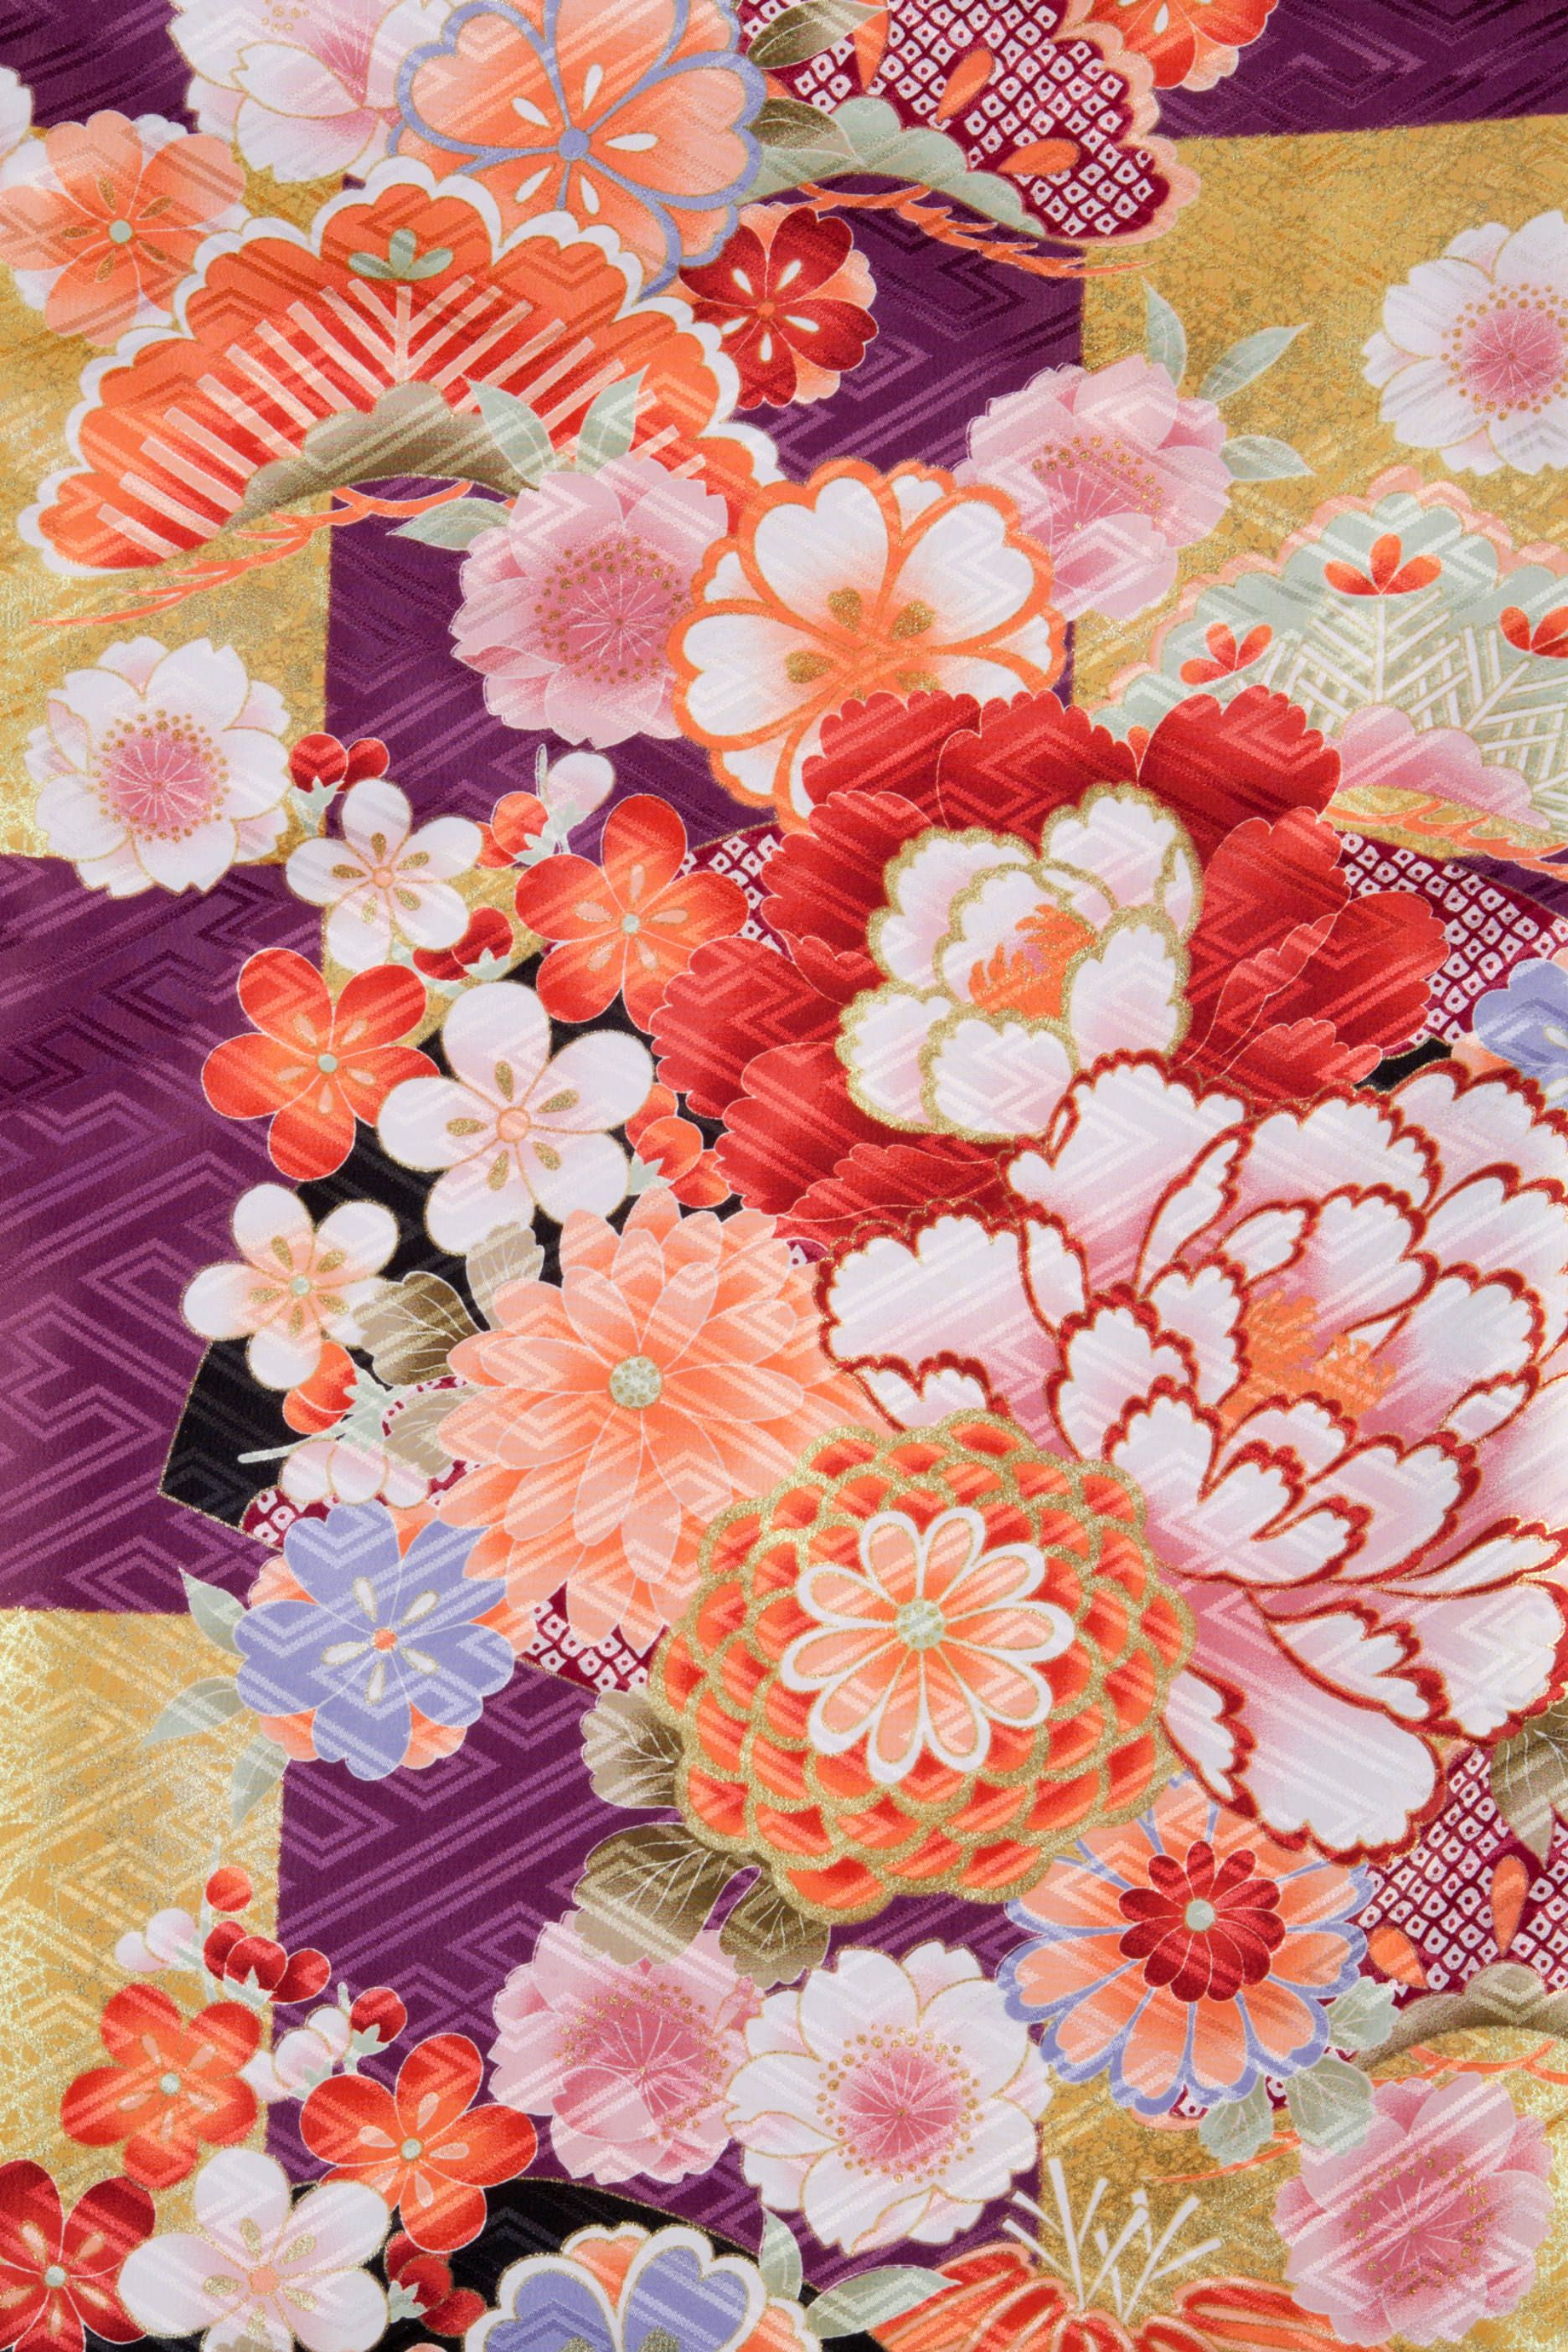 着物 No:872 商品名:紫 古典大市松 | 卒業衣装&袴 Hakama | Pinterest | Kimonos